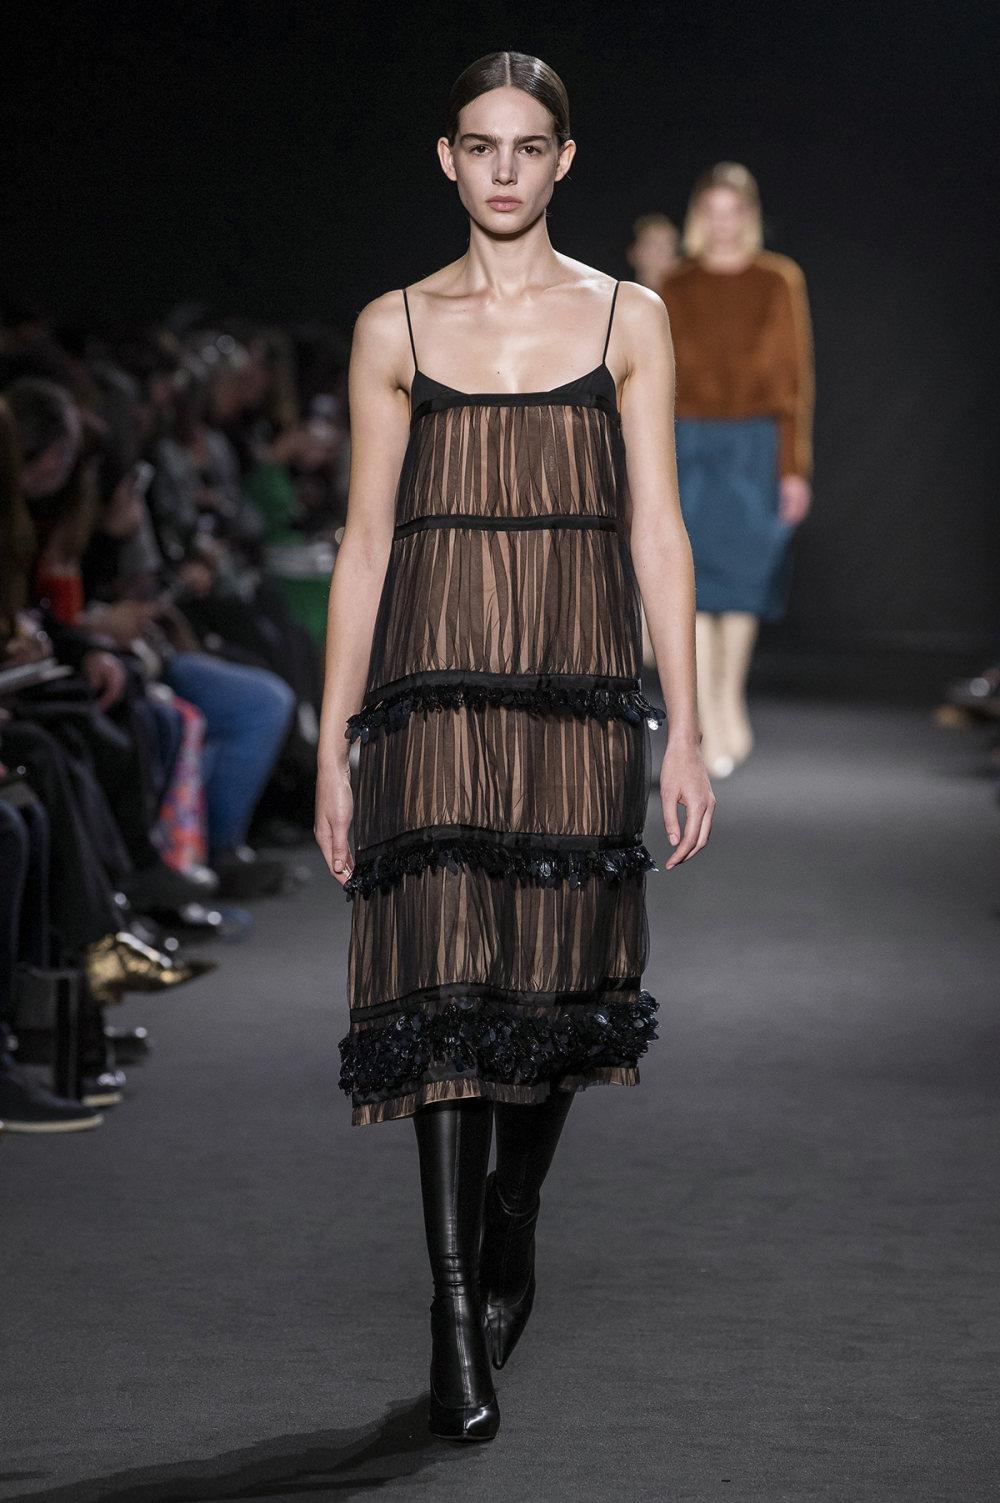 Rochas时装系列黑色无领斜纹软呢褶皱的黑色裙身饰有超细短袖衬衫-21.jpg